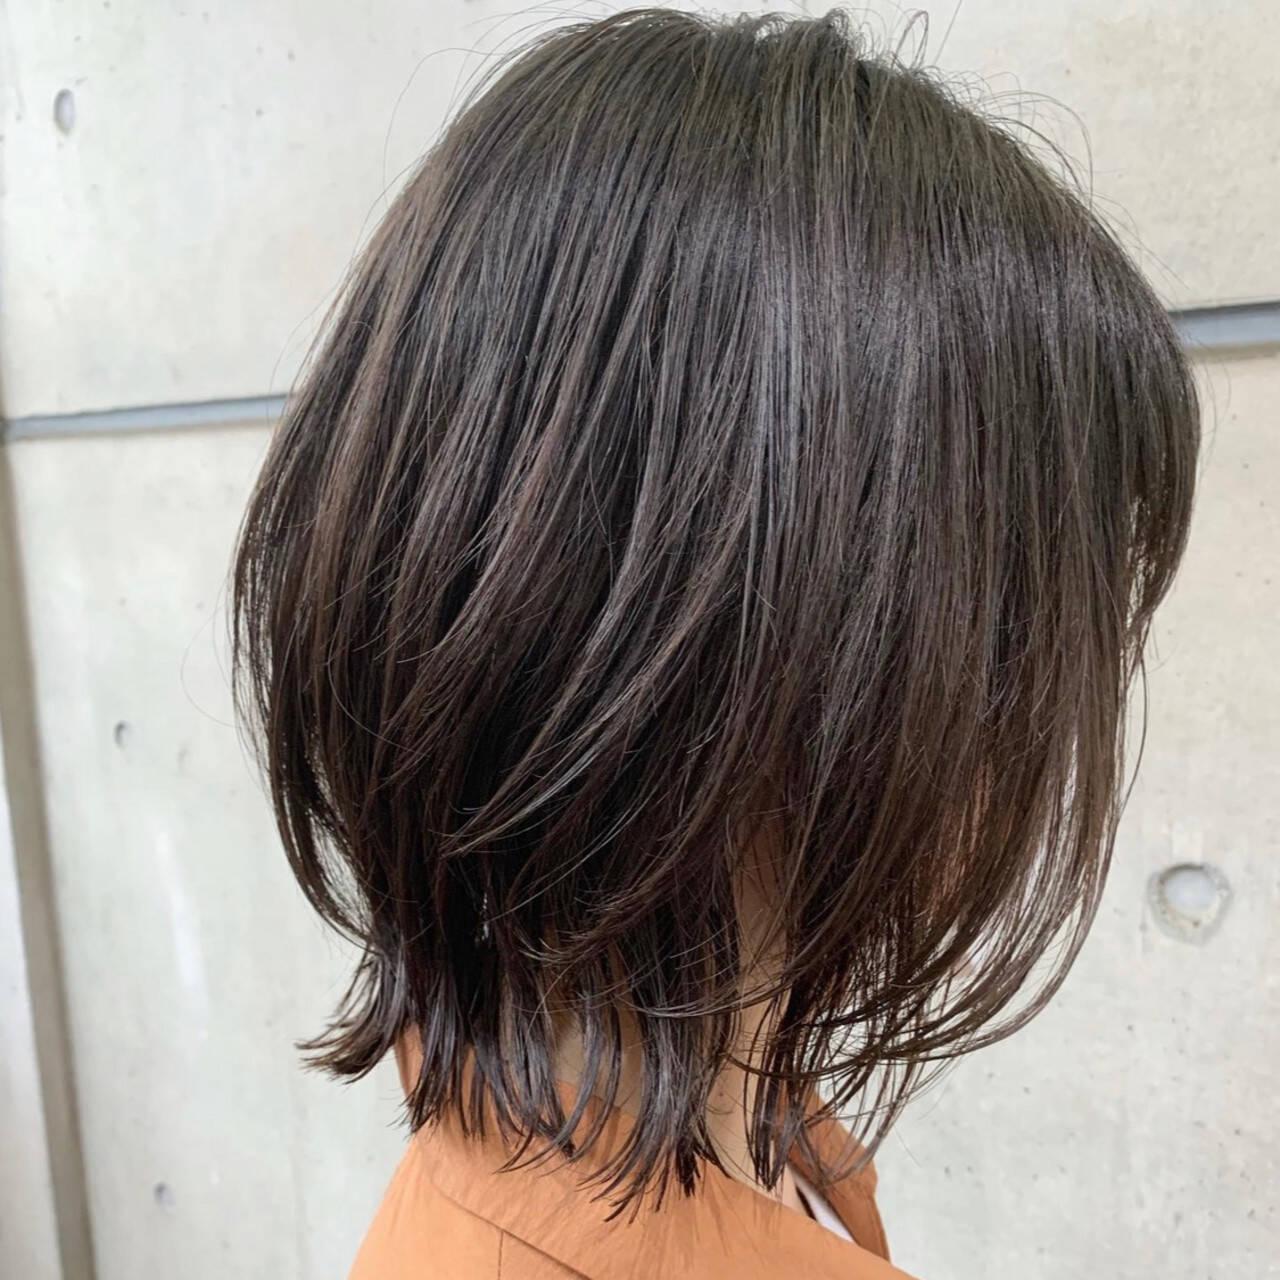 ボブ ボブウルフ パーマ ウルフカットヘアスタイルや髪型の写真・画像